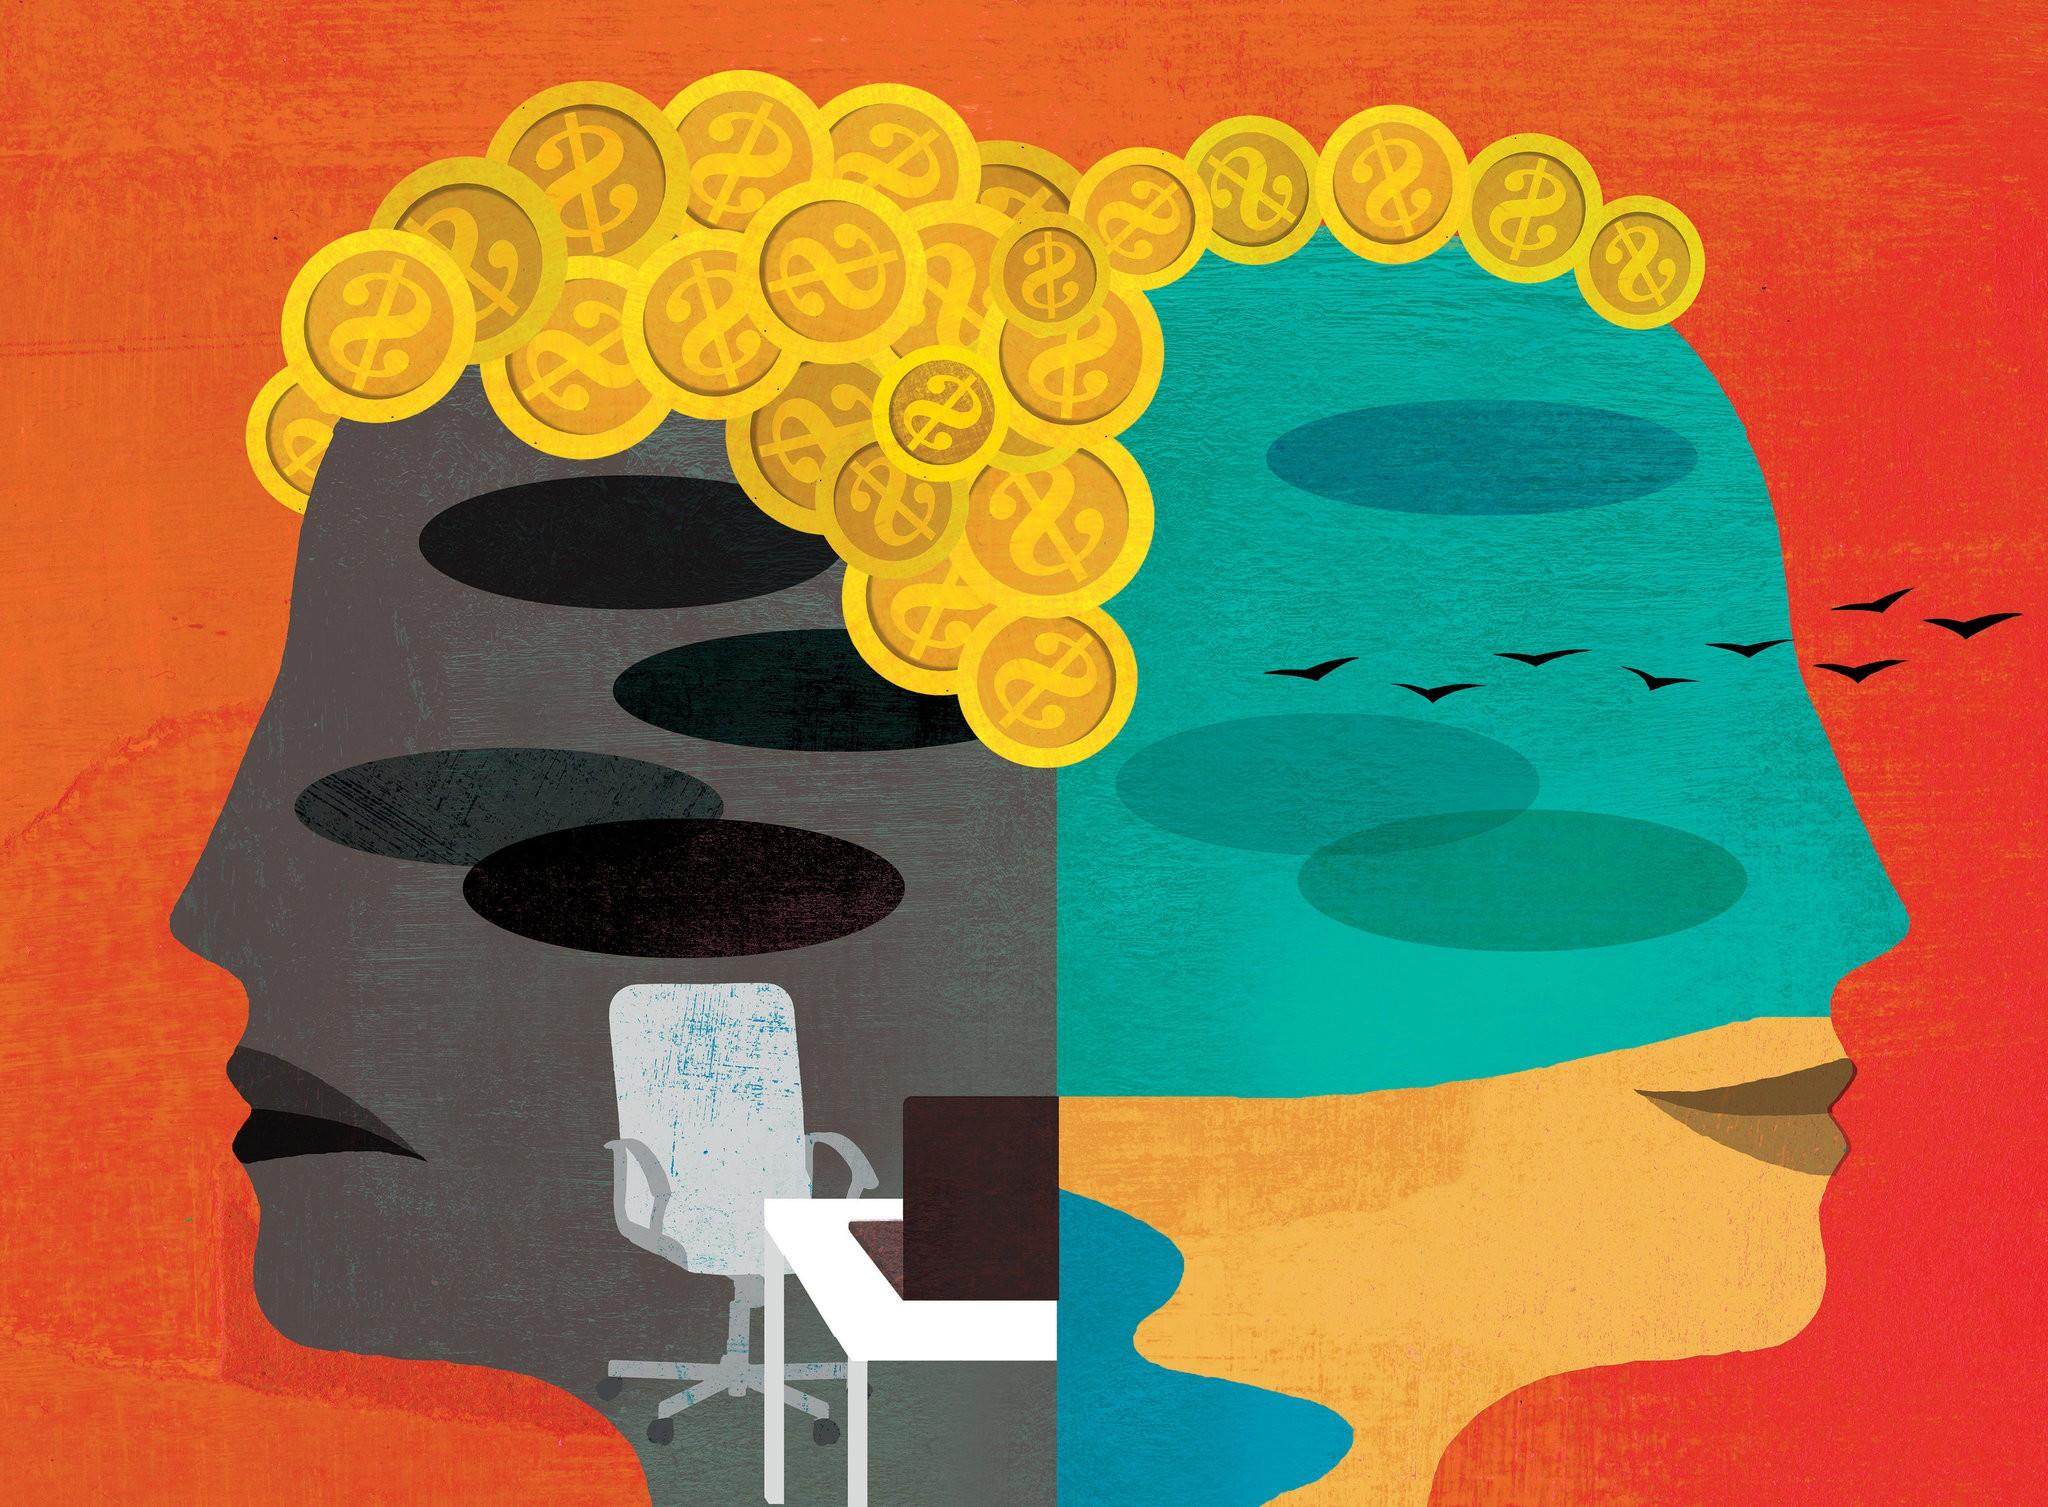 [Перевод] Как уйти на пенсию до 40 лет с миллионом долларов на счету в банке